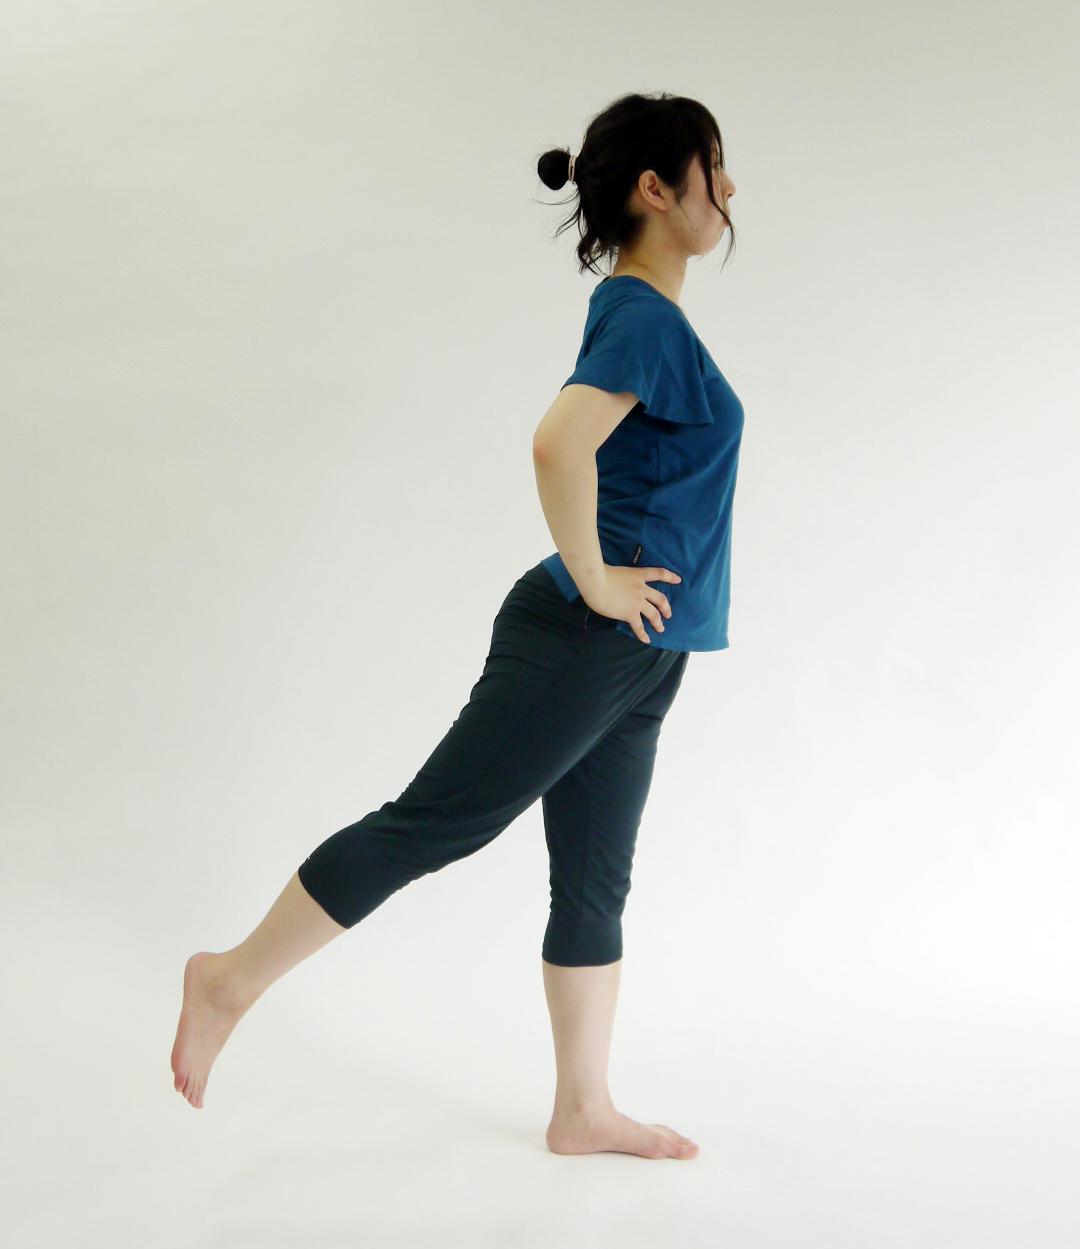 足振り運動